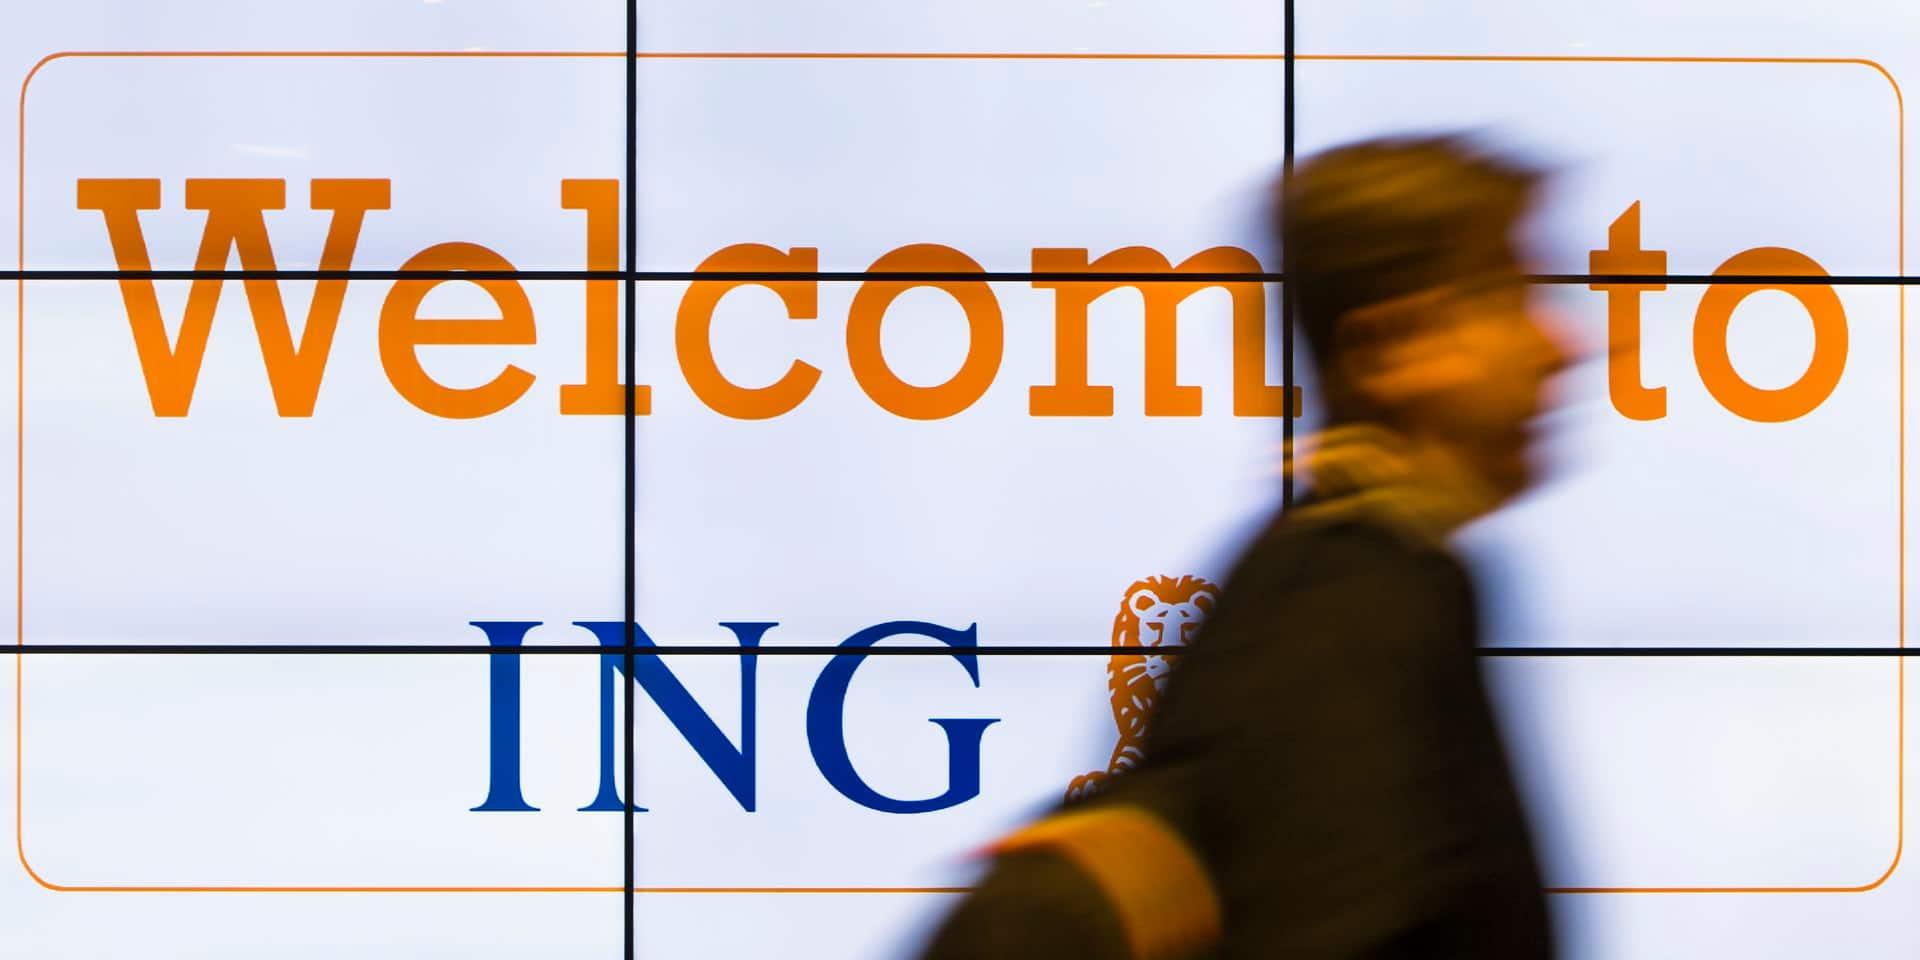 """""""C'est énorme"""", dixit le CEO: l'hécatombe depuis l'annonce de la restructuration chez ING"""